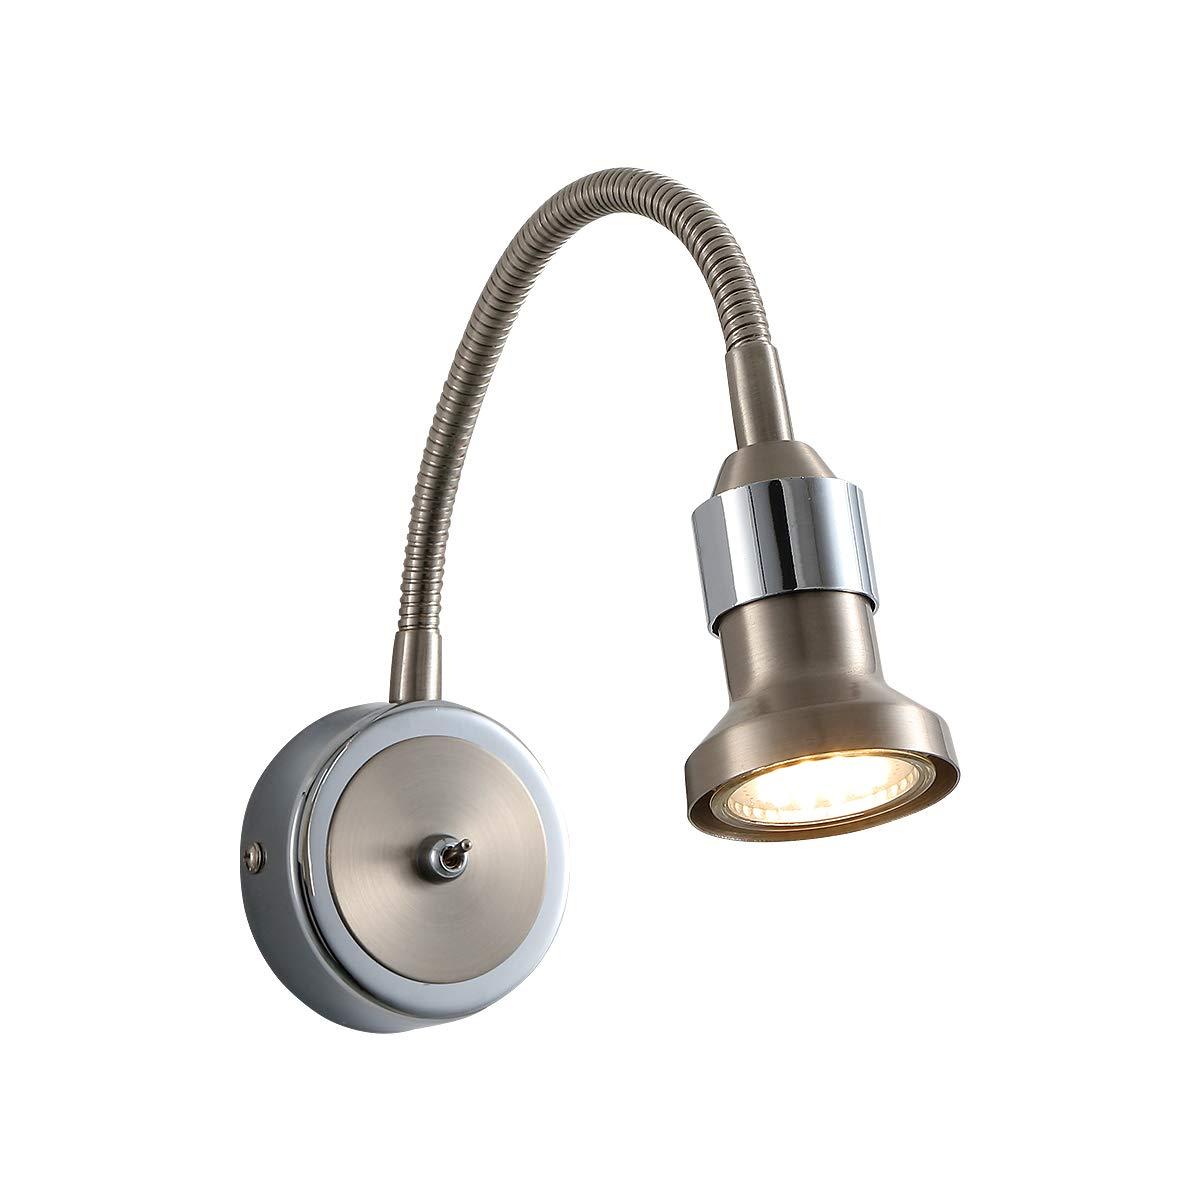 LED Wandleuchte Wandlampe Flexibel mit Schwanenhalsarm 360° Minimalistische Warmweiß für Wohnzimmer Schlafzimmer Locker Nachttisch Schrank Arbeitsplatze Treppenhaus Flurlampe GU10 5W ZOOVQI ZOO-1215-1